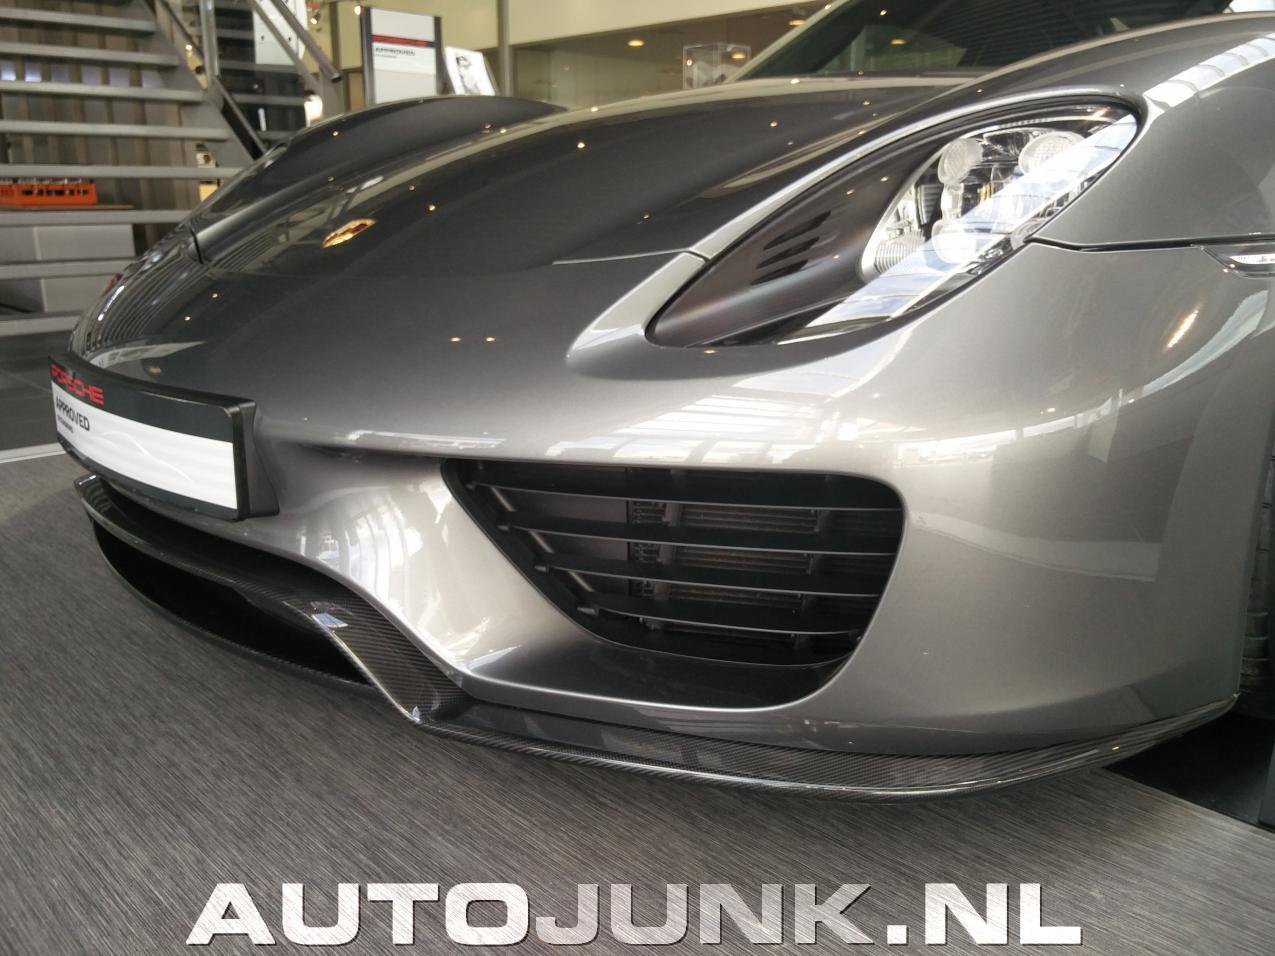 Porsche Dealers In Va >> 918 bij Porsche in Heteren foto's » Autojunk.nl (172634)